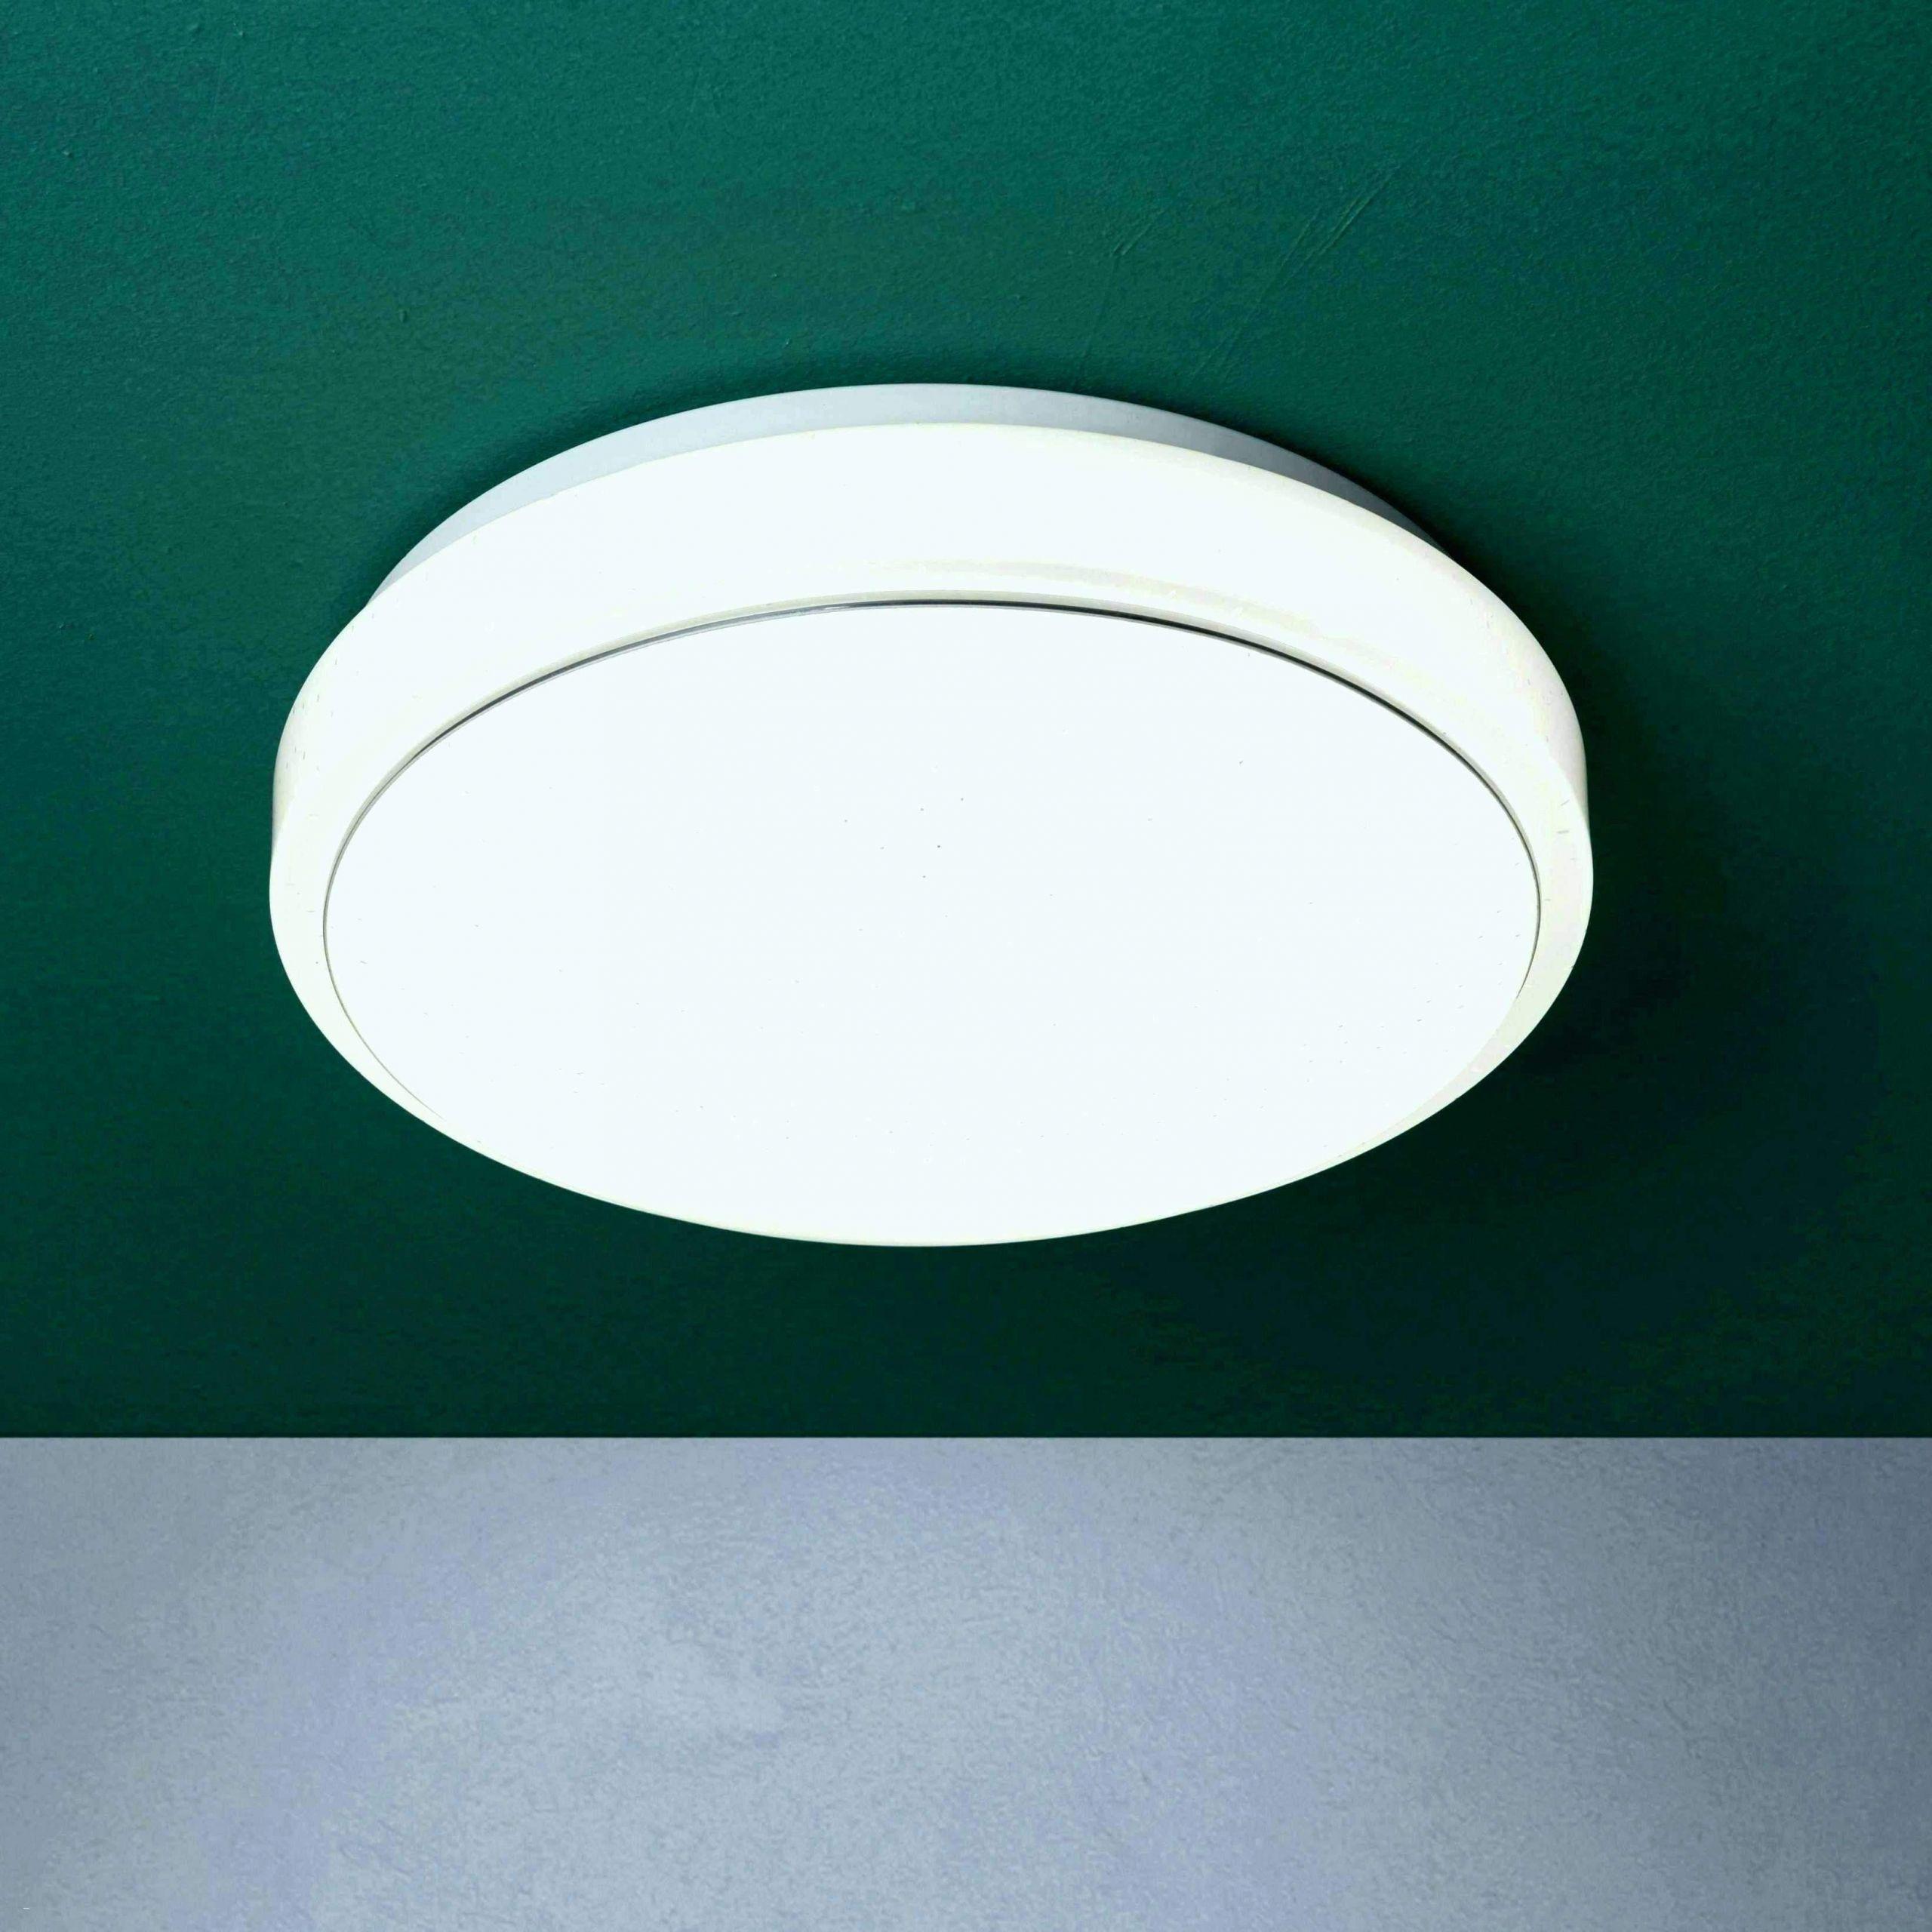 led lampen fur wohnzimmer luxus 40 beste von deckenleuchten fur wohnzimmer konzept of led lampen fur wohnzimmer